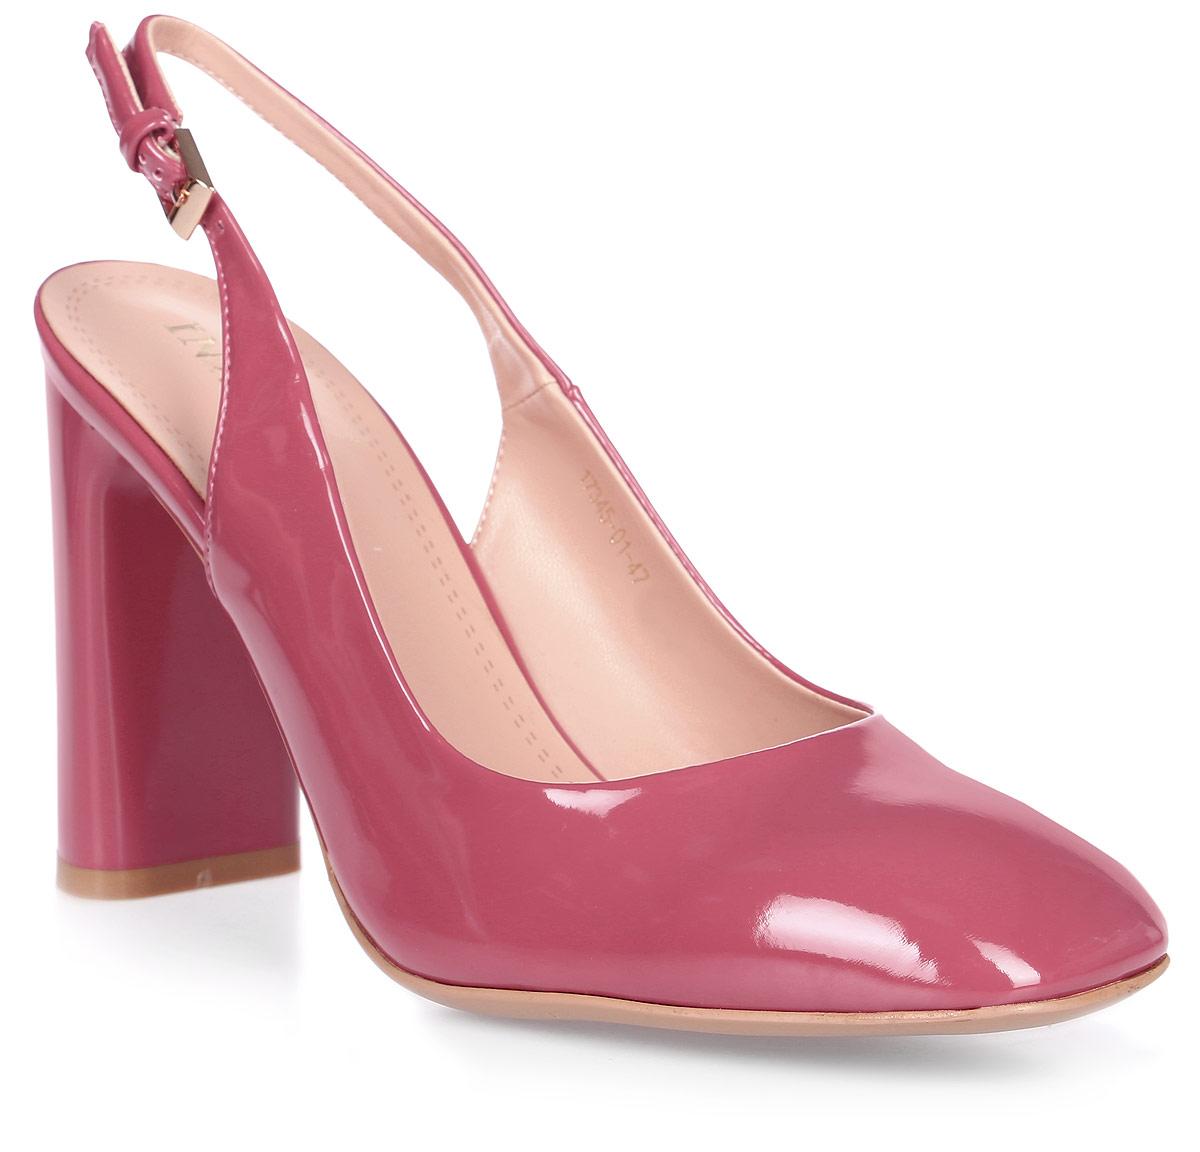 Туфли женские Inario, цвет: малиновый. 17345-01-47. Размер 3717345-01-47Элегантные туфли Inario с открытой пяткой выполнены из искусственной лаковой кожи. Внутренняя поверхность и стелька из искусственной кожи обеспечат комфорт при движении. Ремешок с металлической пряжкой надежно зафиксирует модель на ноге. Туфли имеют круглый мысок и широкий устойчивый каблук.